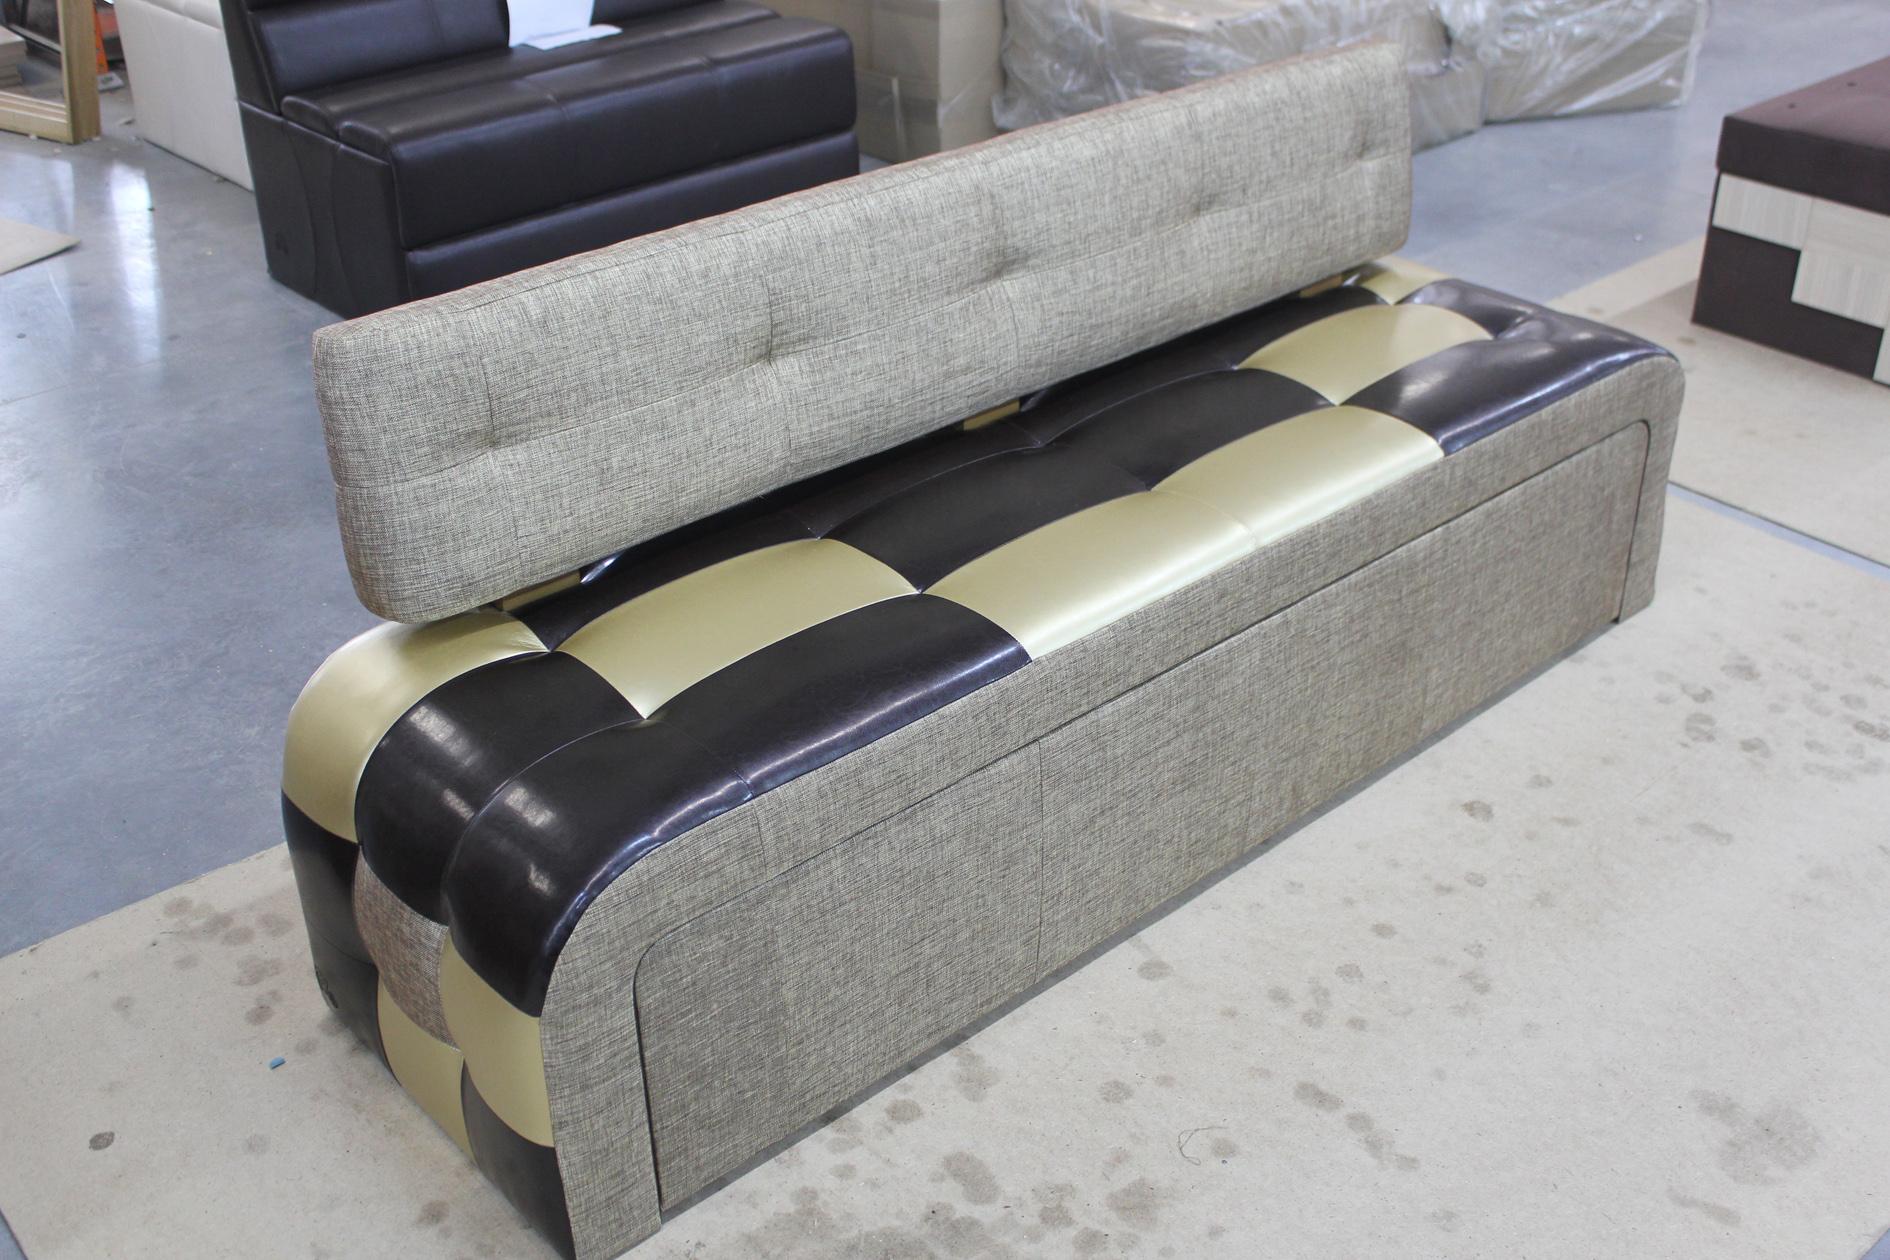 вас будут диван бристоль со столом и стульями фото найдите вариант положения